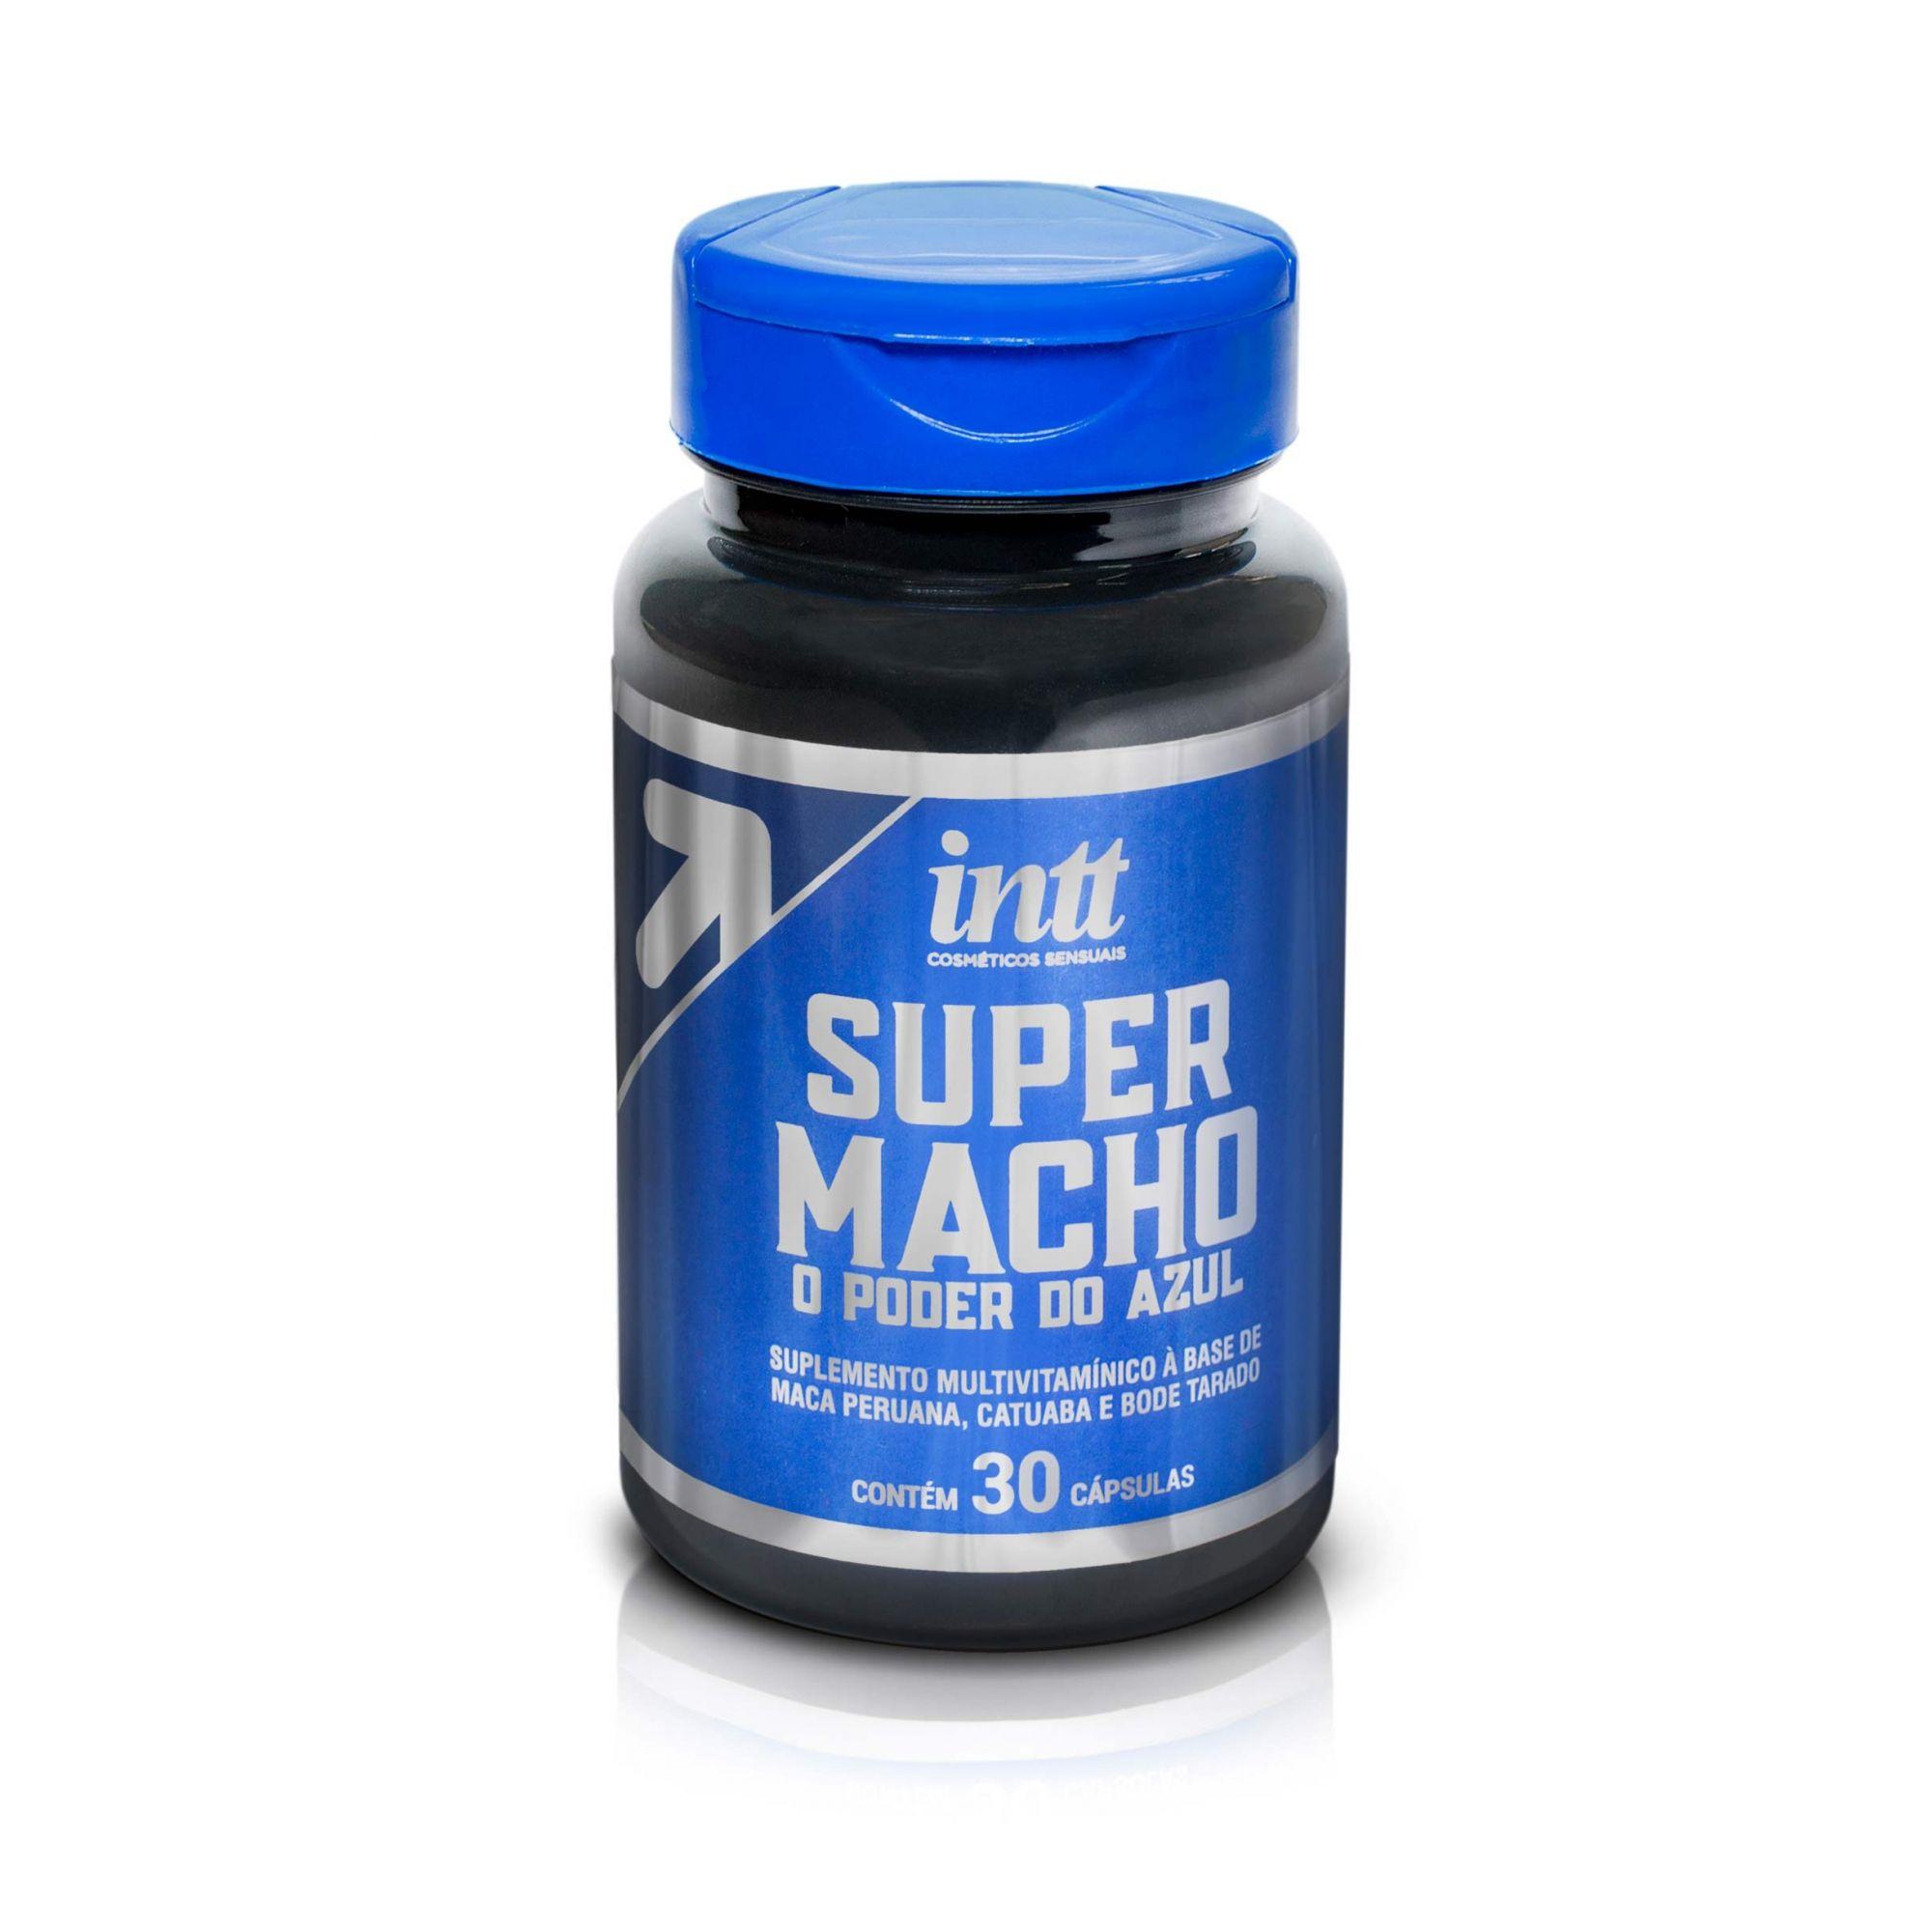 Super Macho azulzinho em Cápsula - Excitante Masculino - INTT